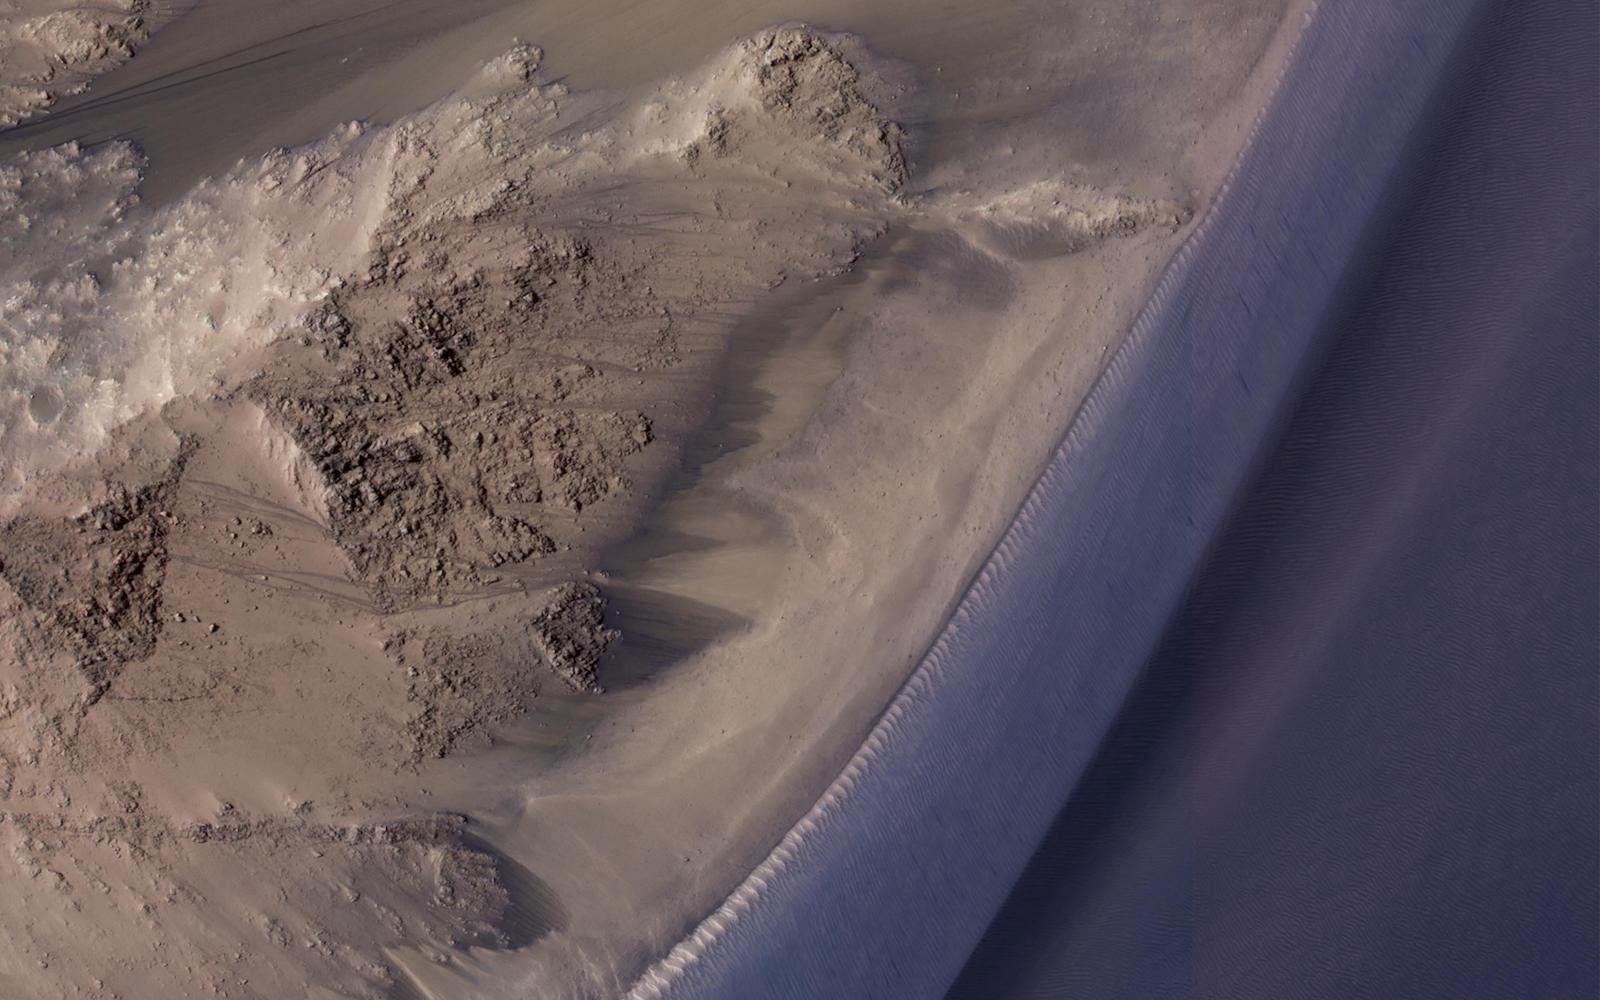 Следы потоков воды на Марсе — просто песчаные оползни - 1